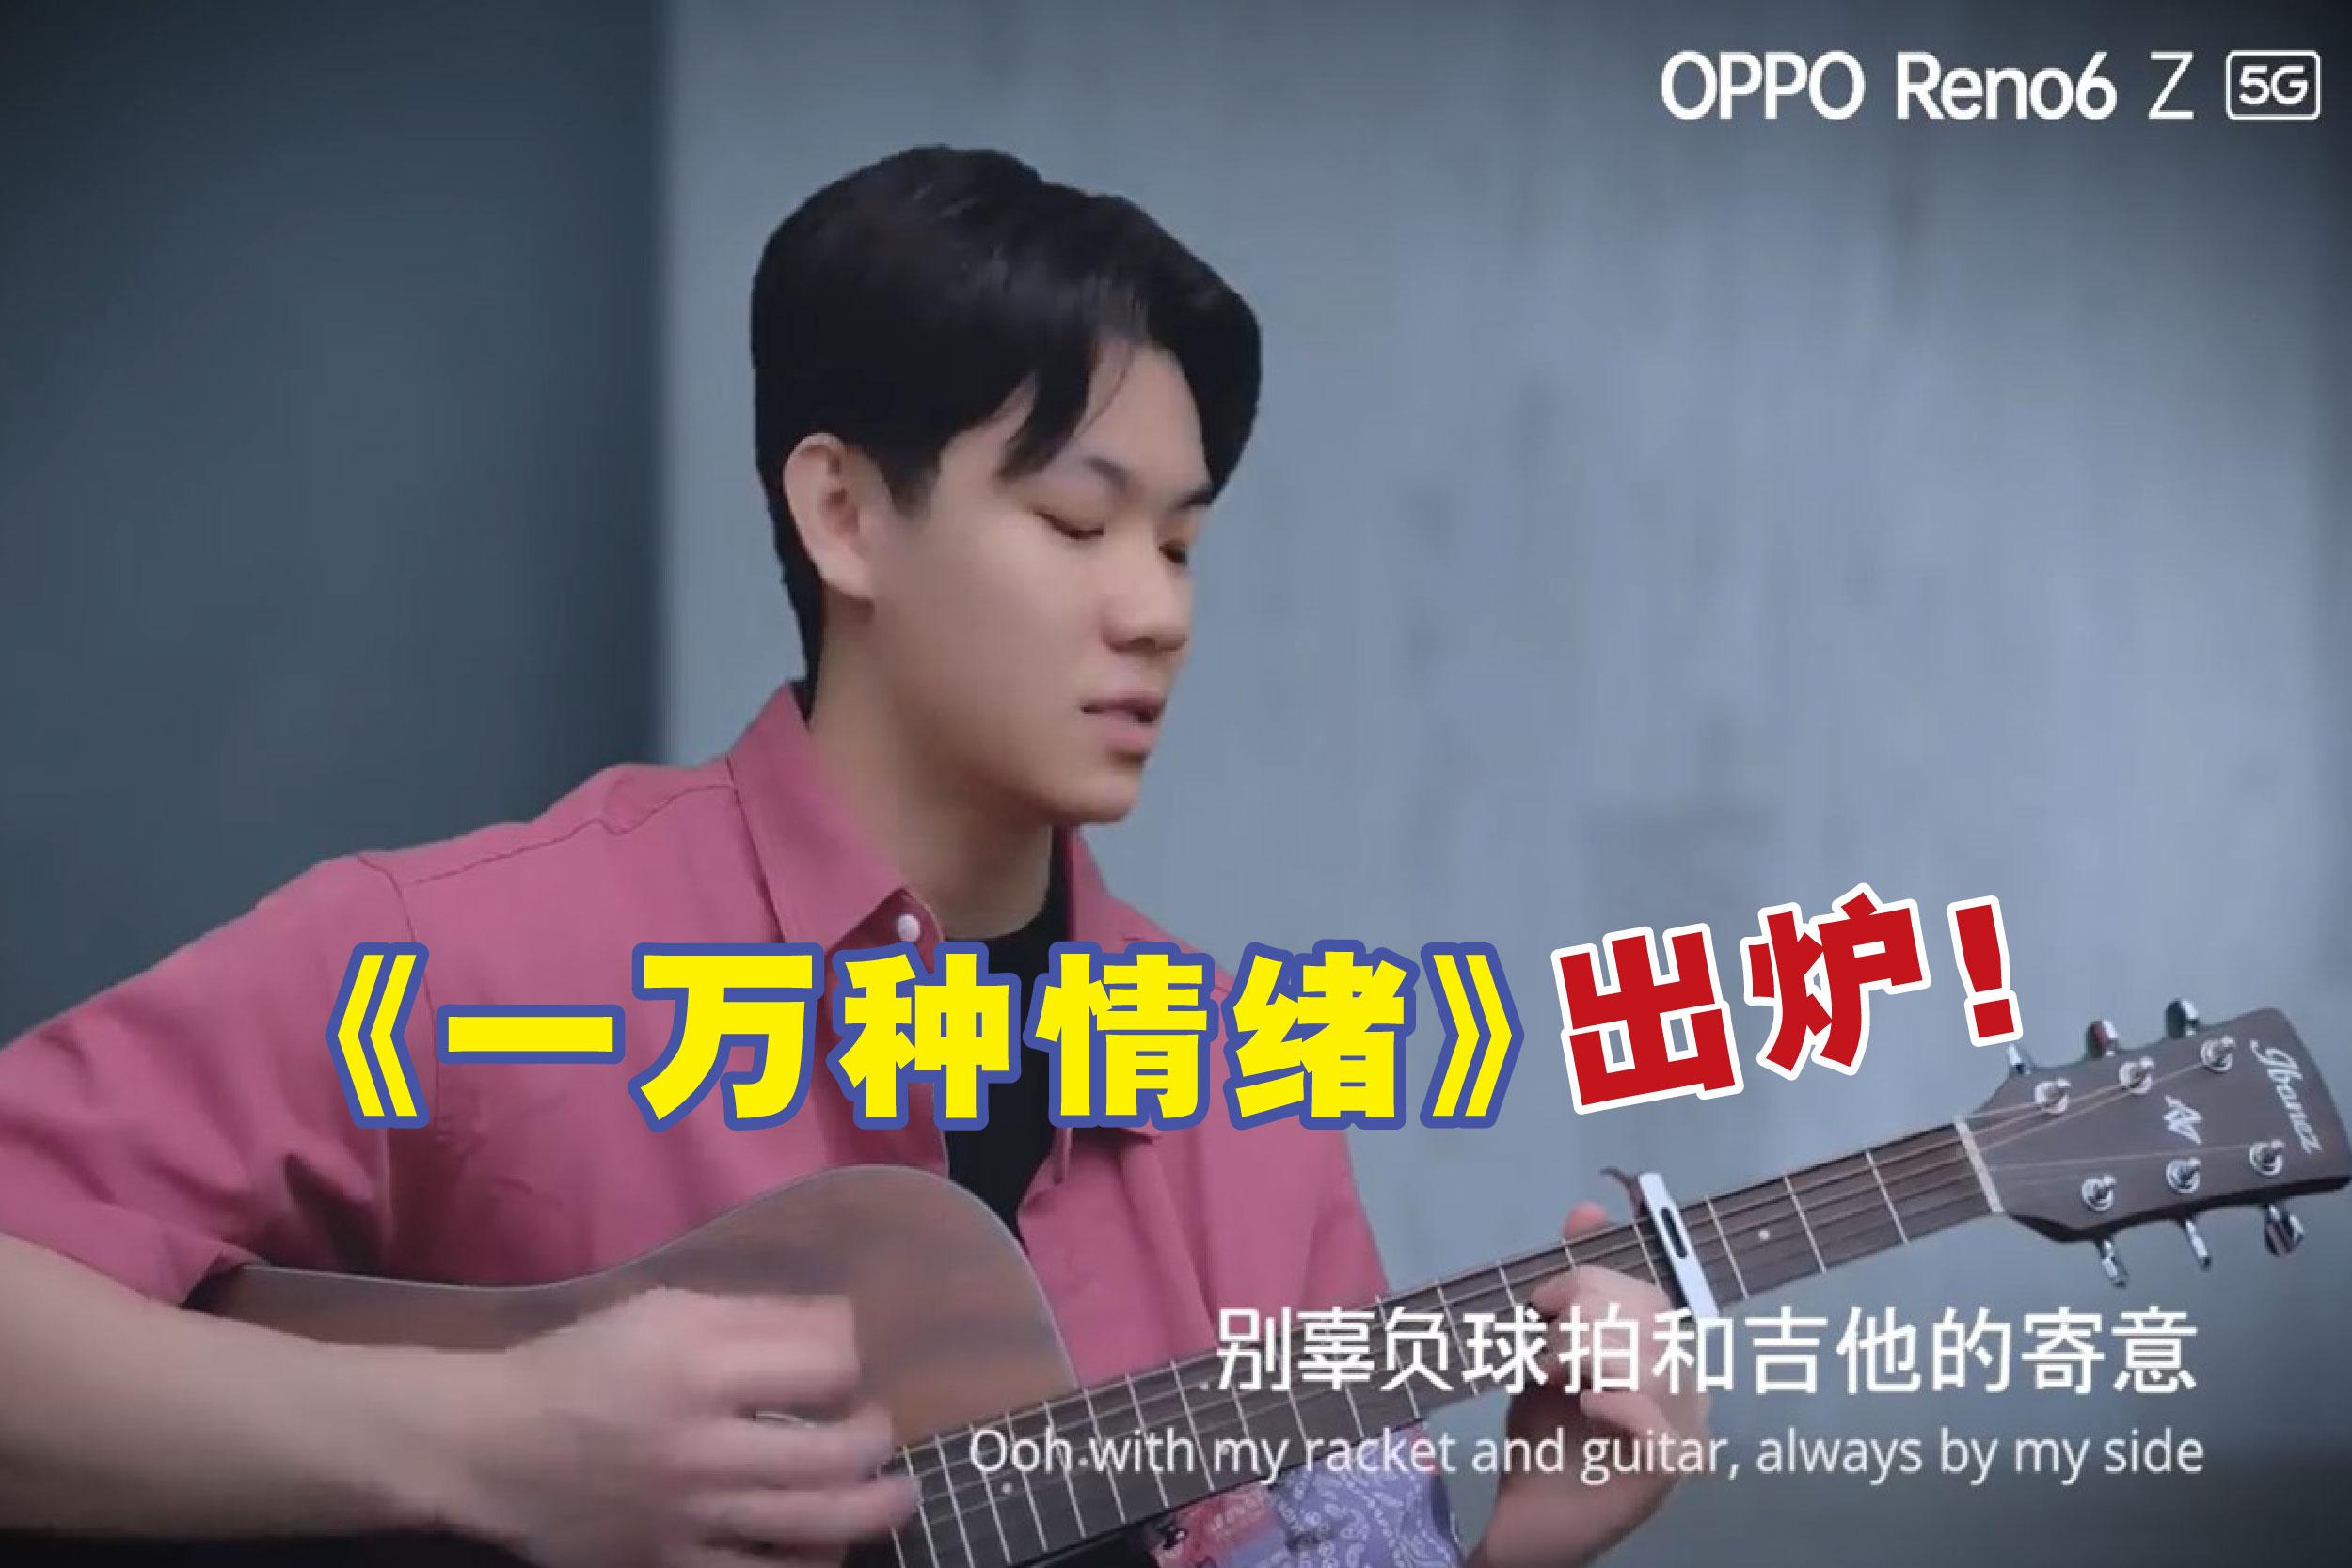 为了向国人的鼓励之情表示感谢,李梓嘉与大马OPPO合作制作了名为《一万种情绪》的歌曲。-精彩大马制图-